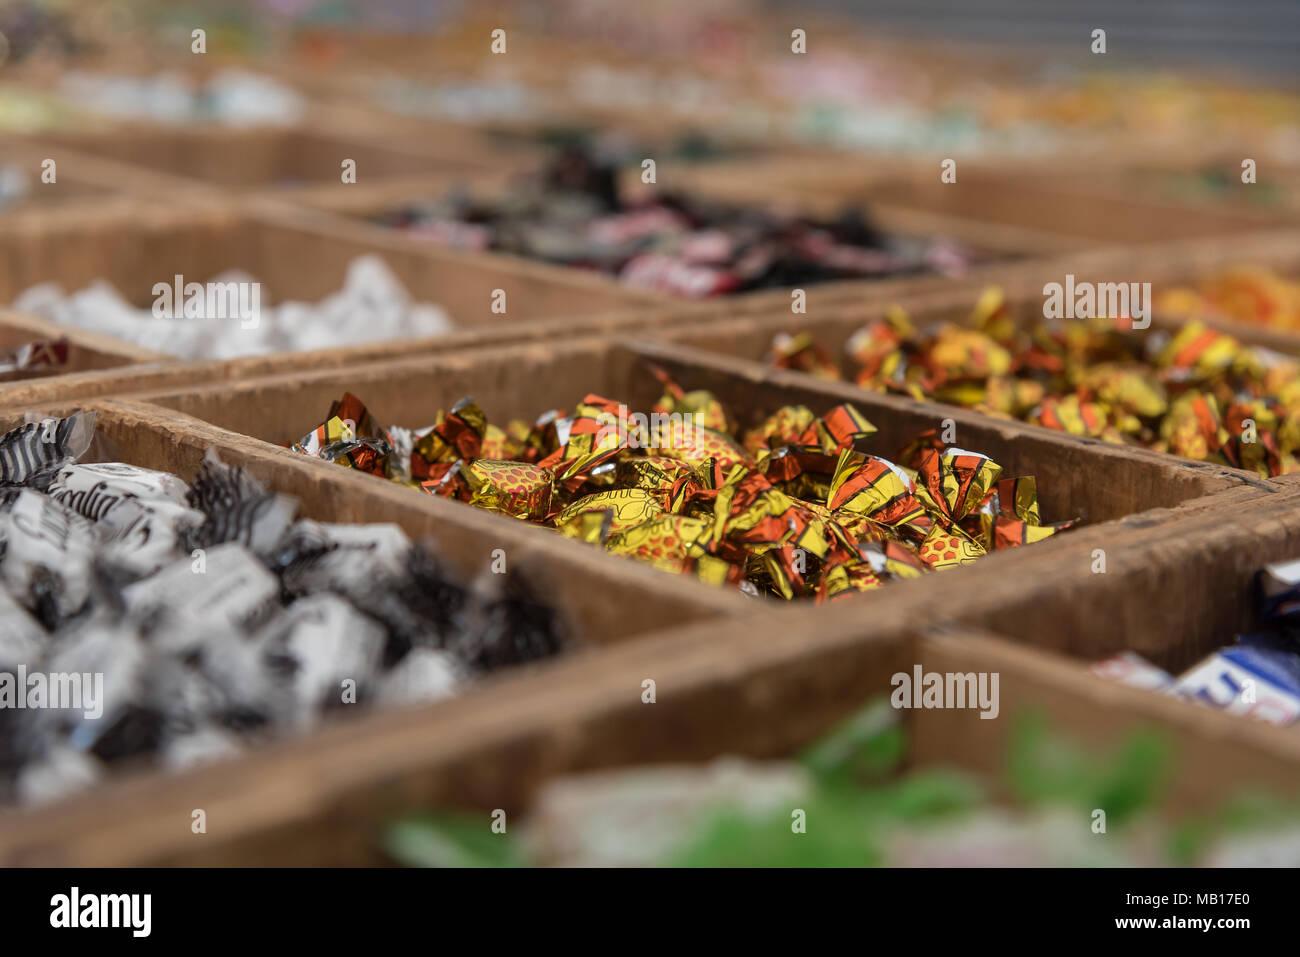 Leckere Bonbons in Holzkisten auf dem Markt von Palma de Mallorca - Stock Image